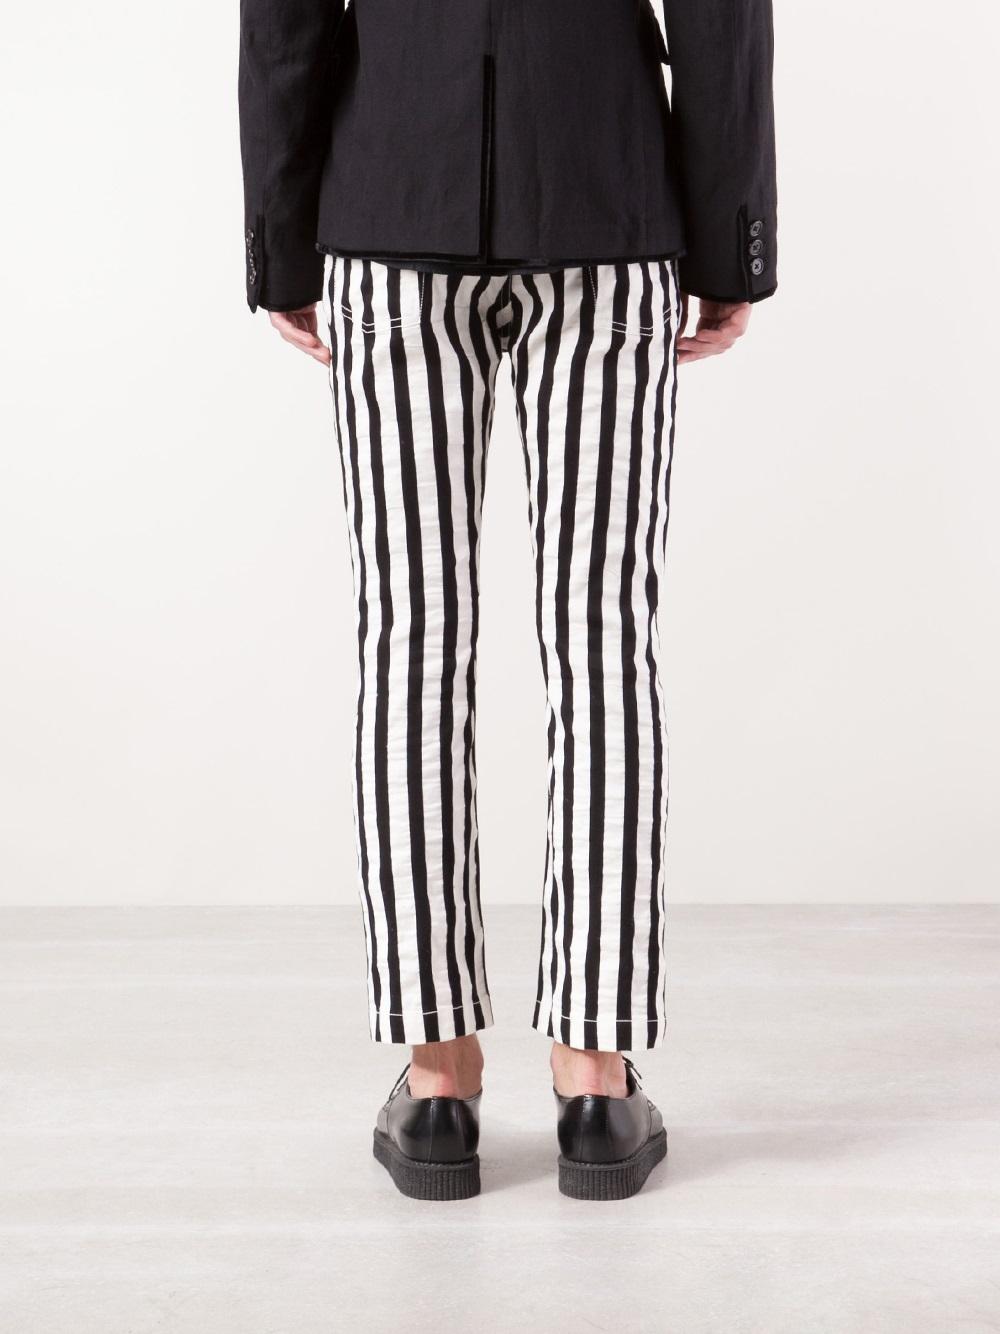 Ann Straight In Lyst Demeulemeester Leg Black For Stripe Men Trousers FK1JT3cl